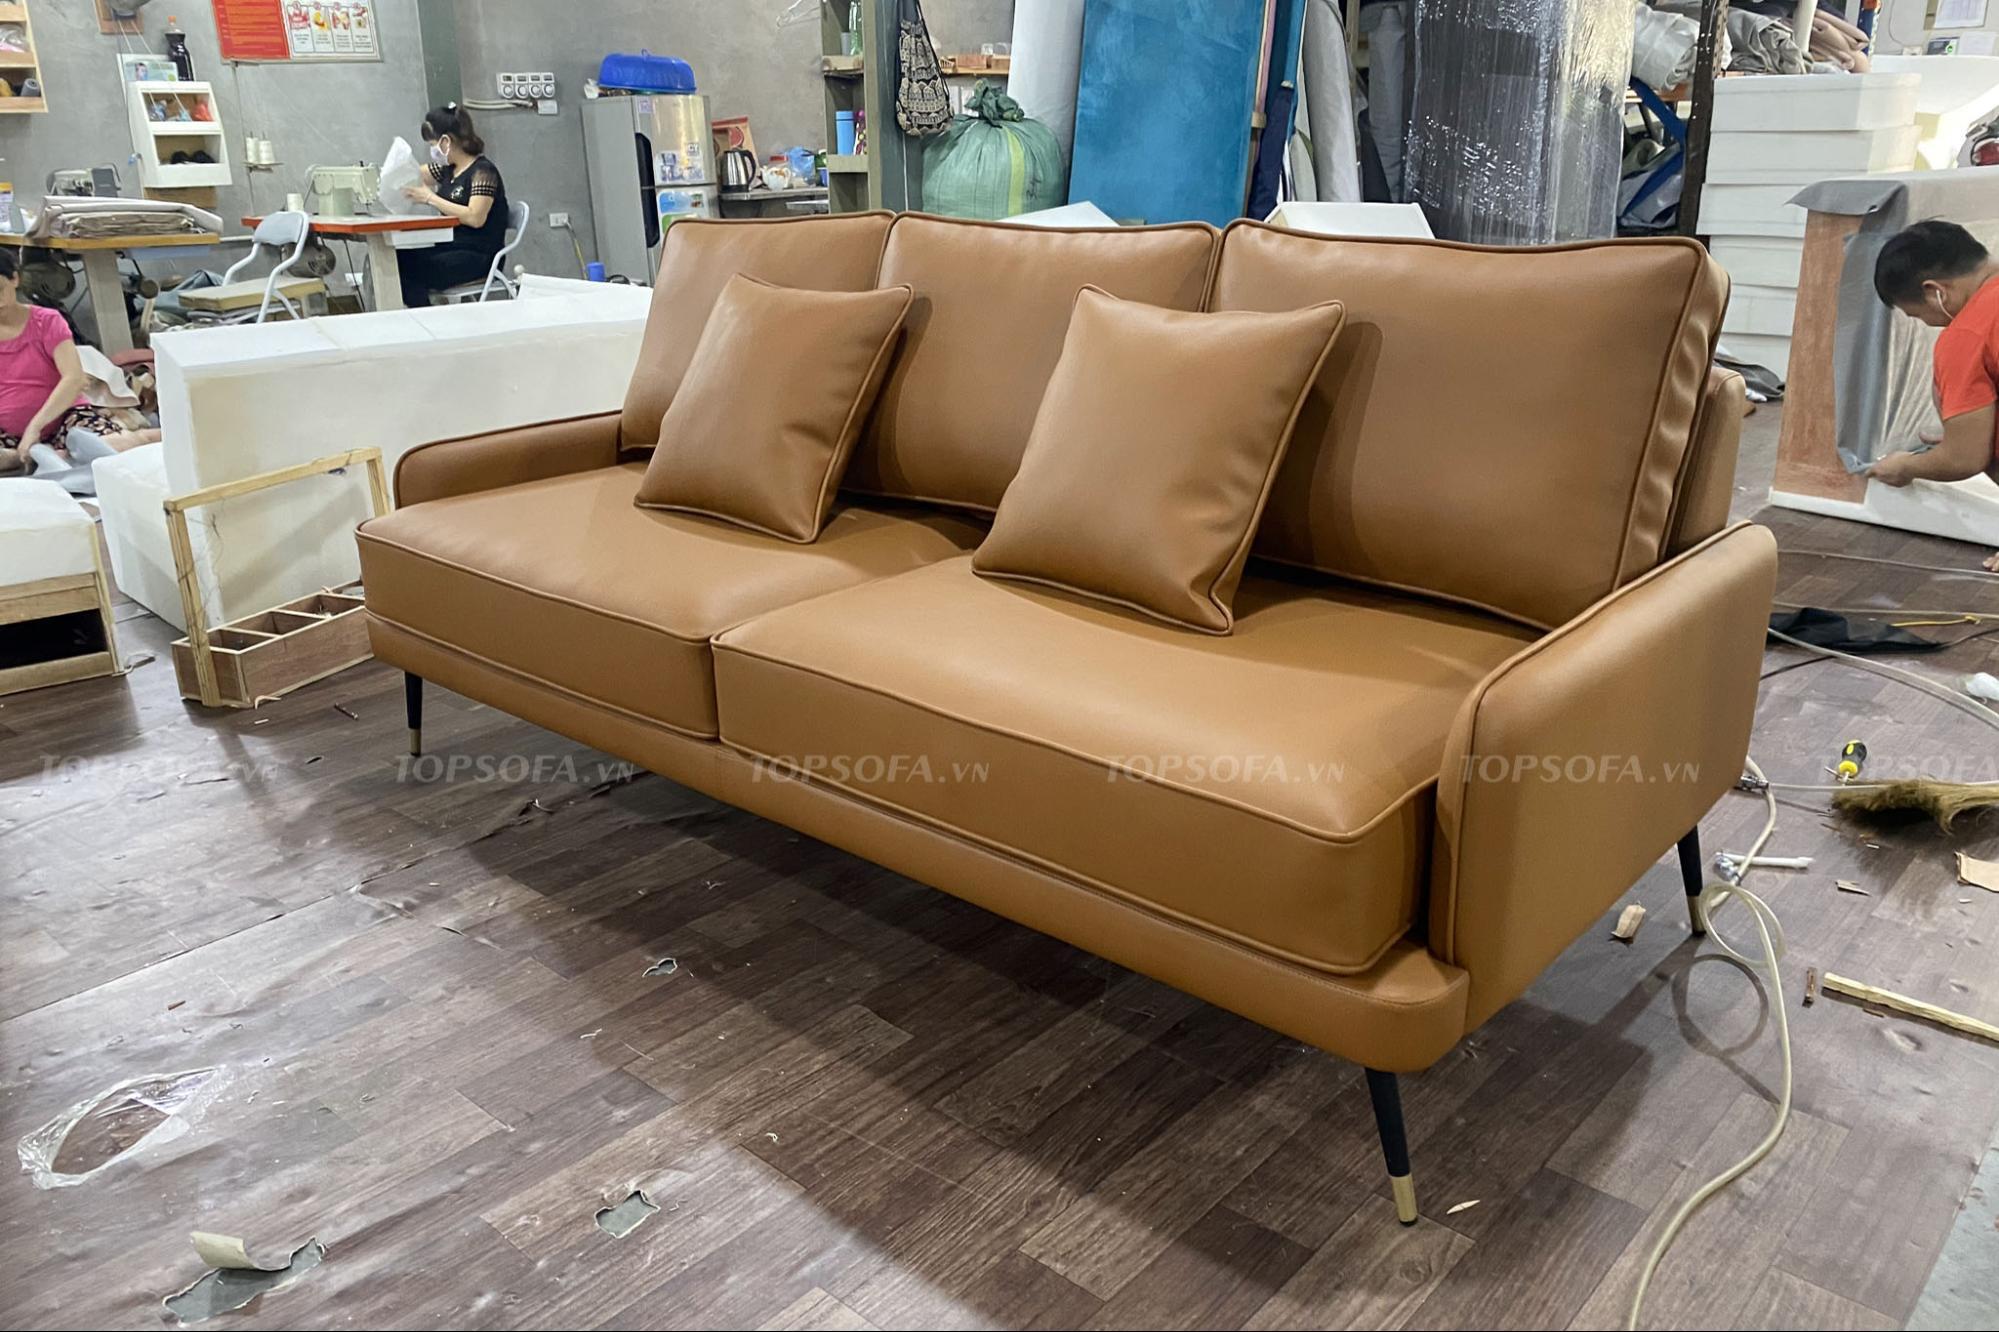 Sofa văng da TS305 góc nghiêng